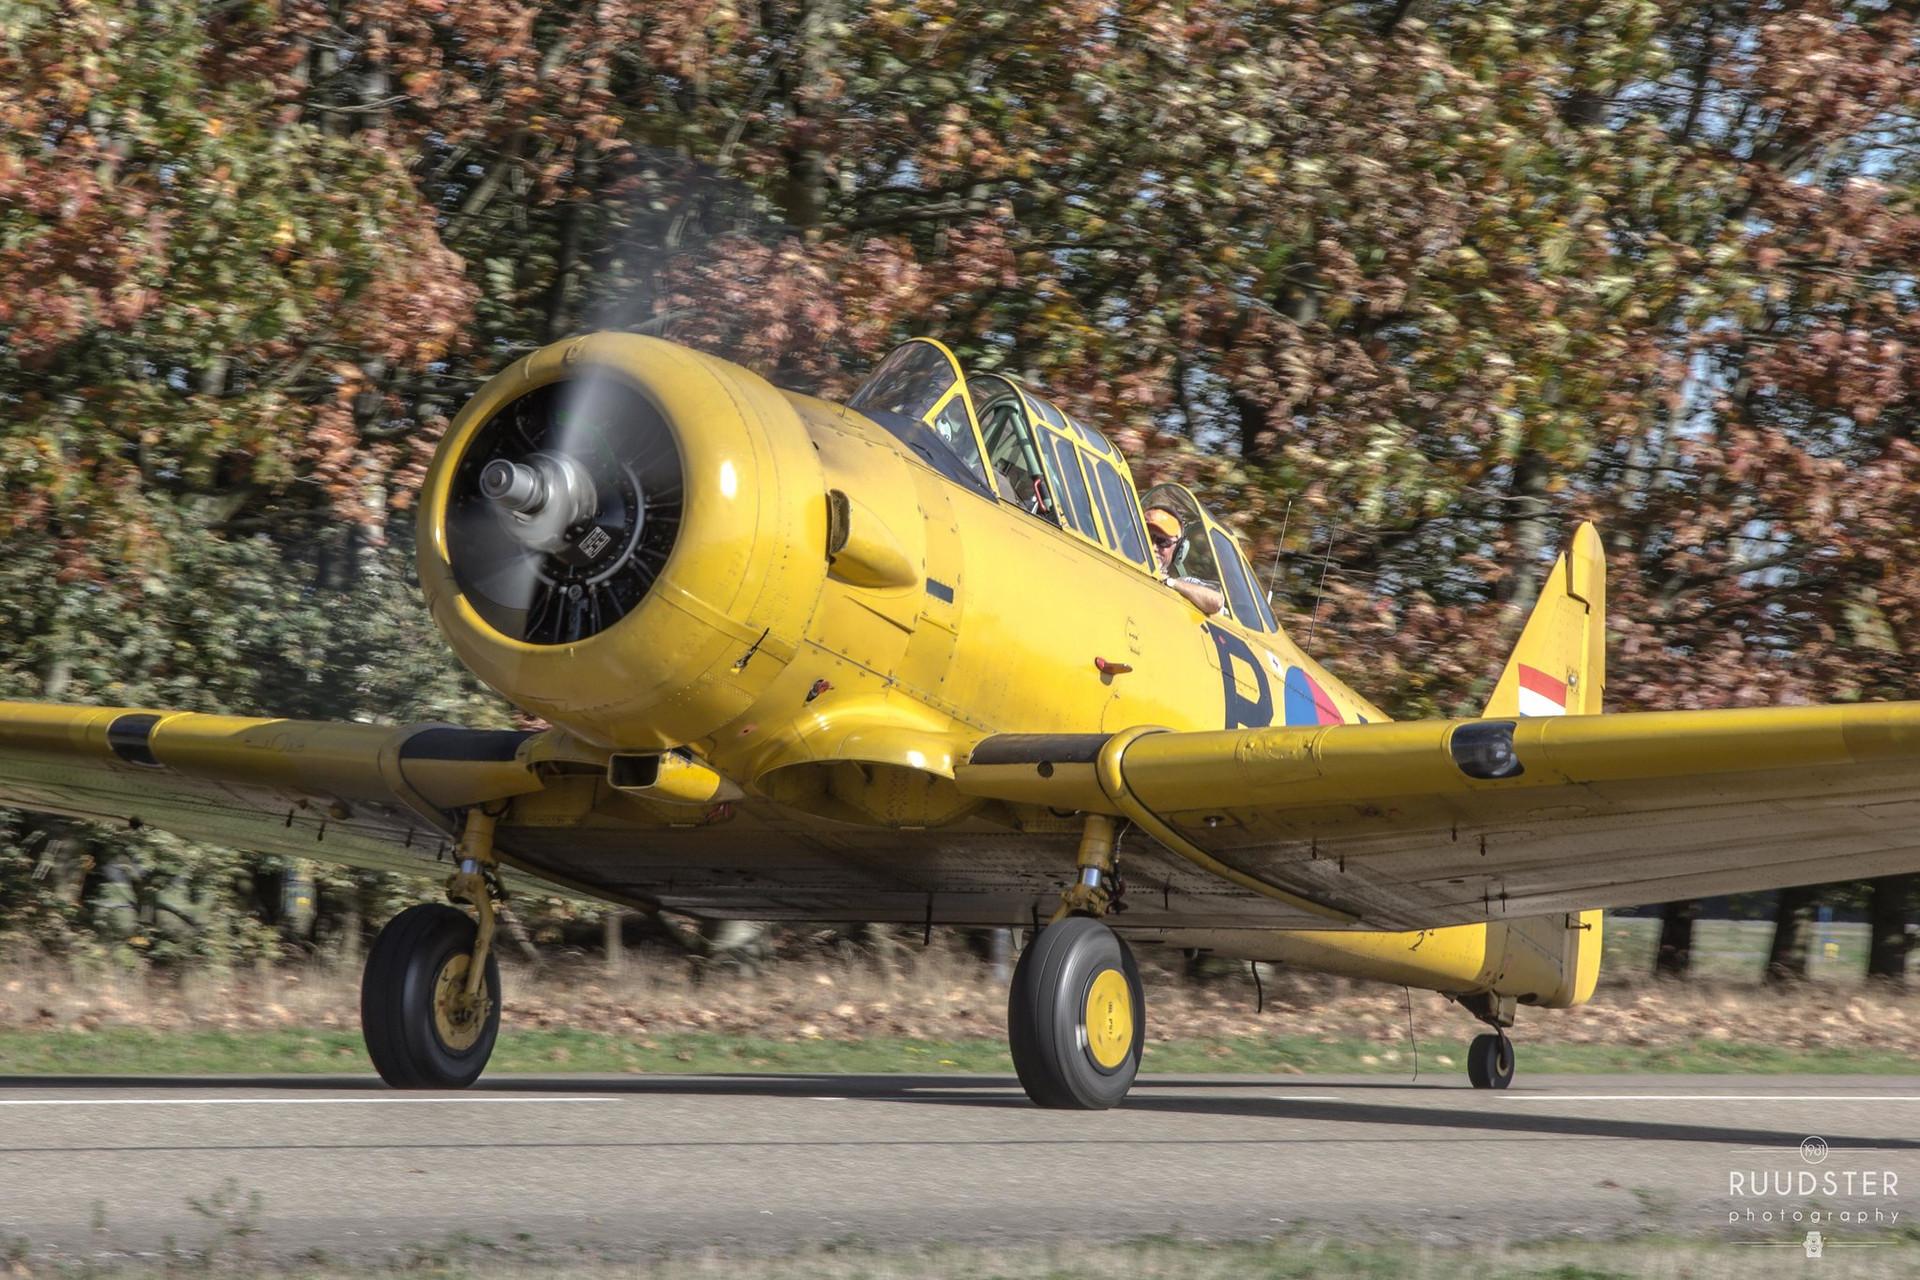 B-118   Build: 1943 - North American Harvard IIb